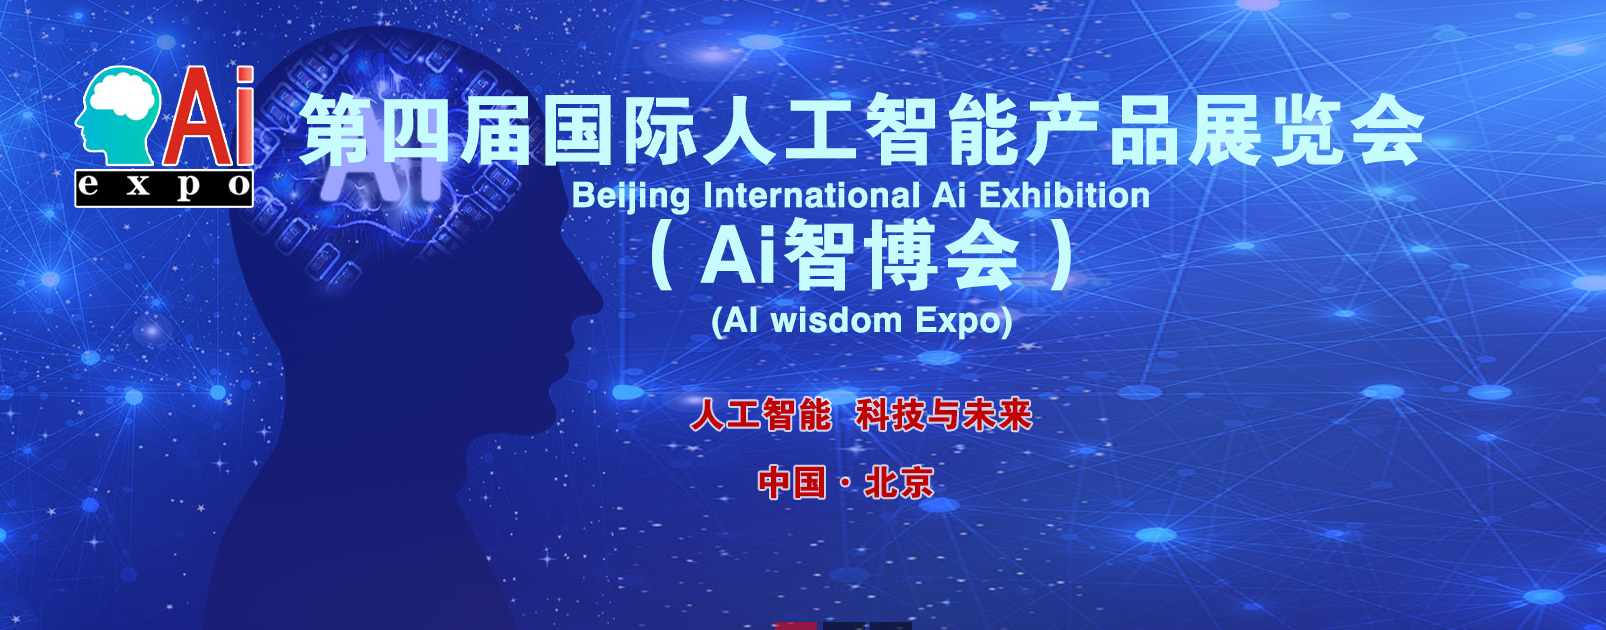 2019中国国际人工智能产品博览会,让梦想照进现实_设备